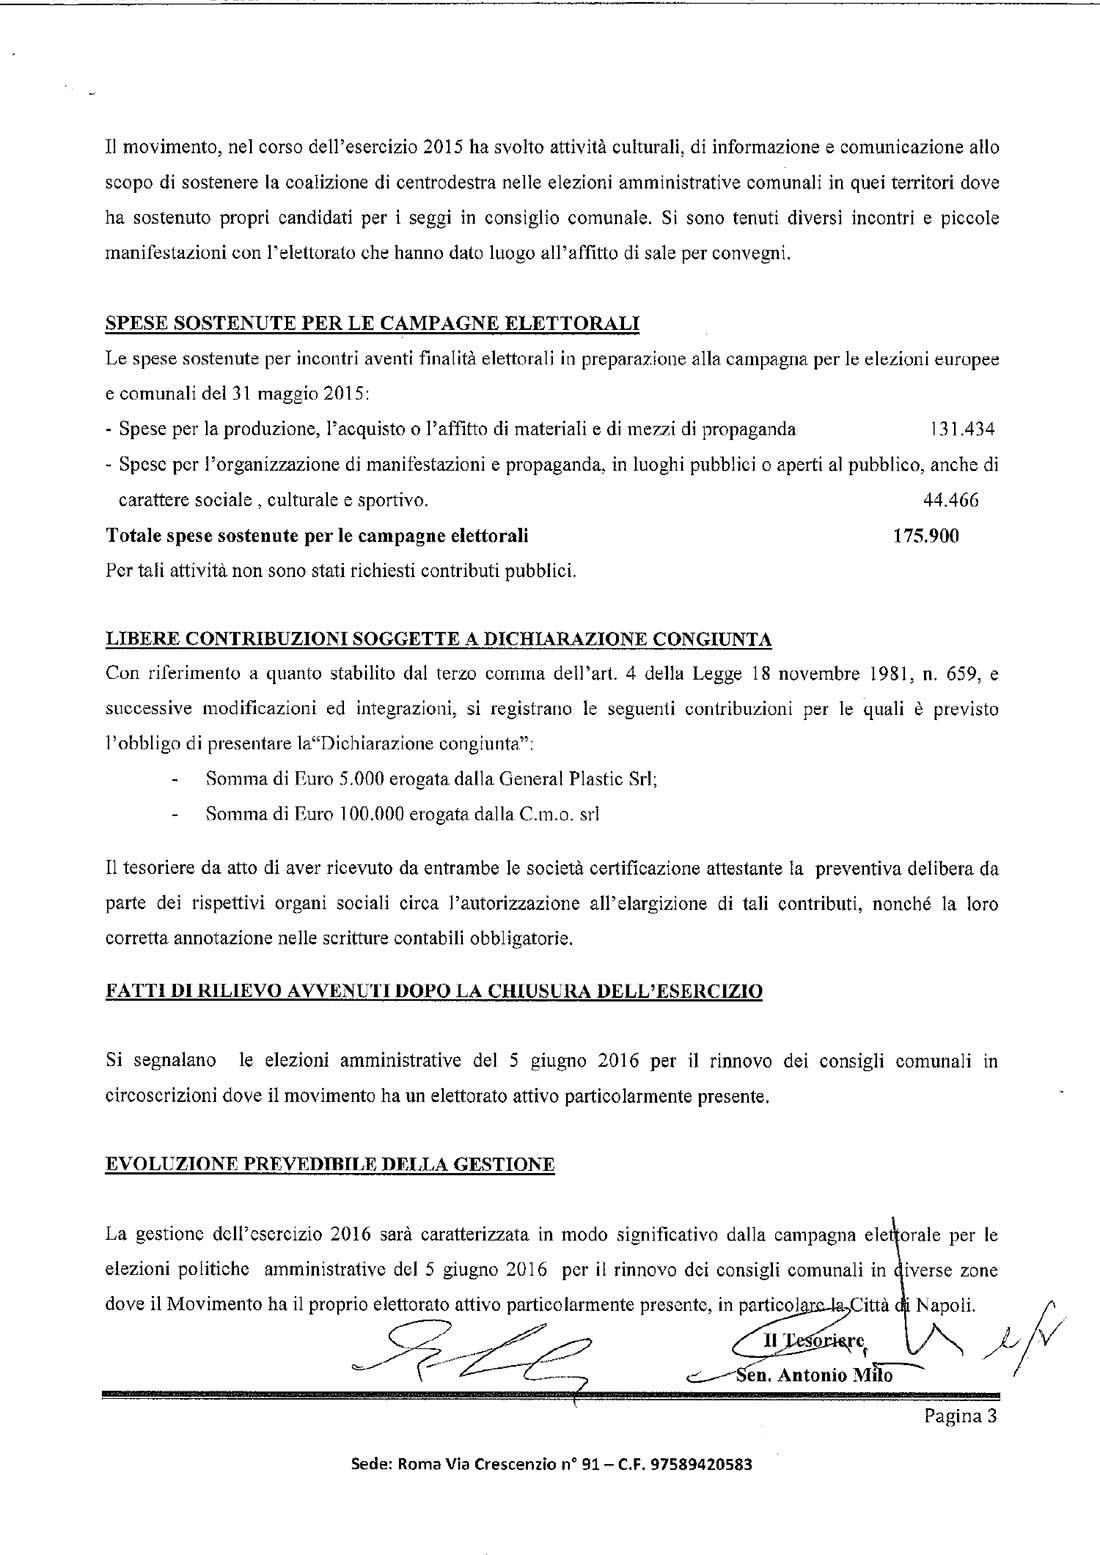 relazione-del-tesoriere-rendiconto-2015-3